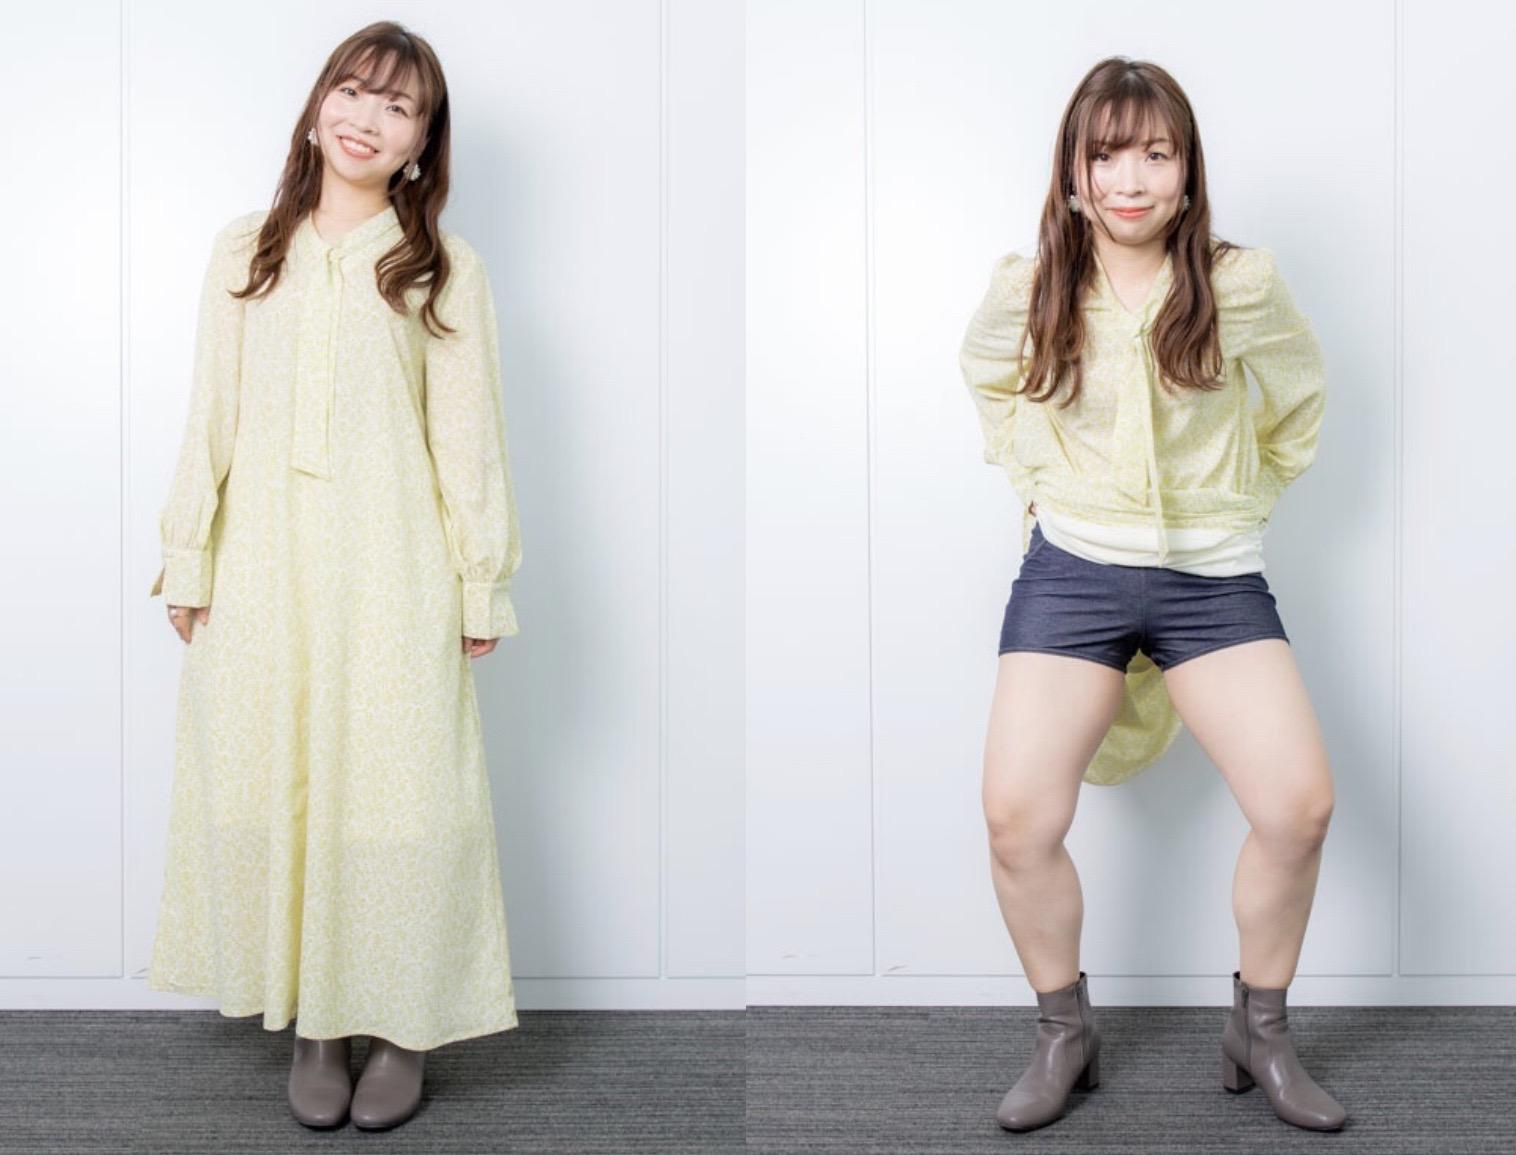 ぽちゃかわ芸人・石出奈々子の「痩せ見えコーデテク」がスゴすぎっ